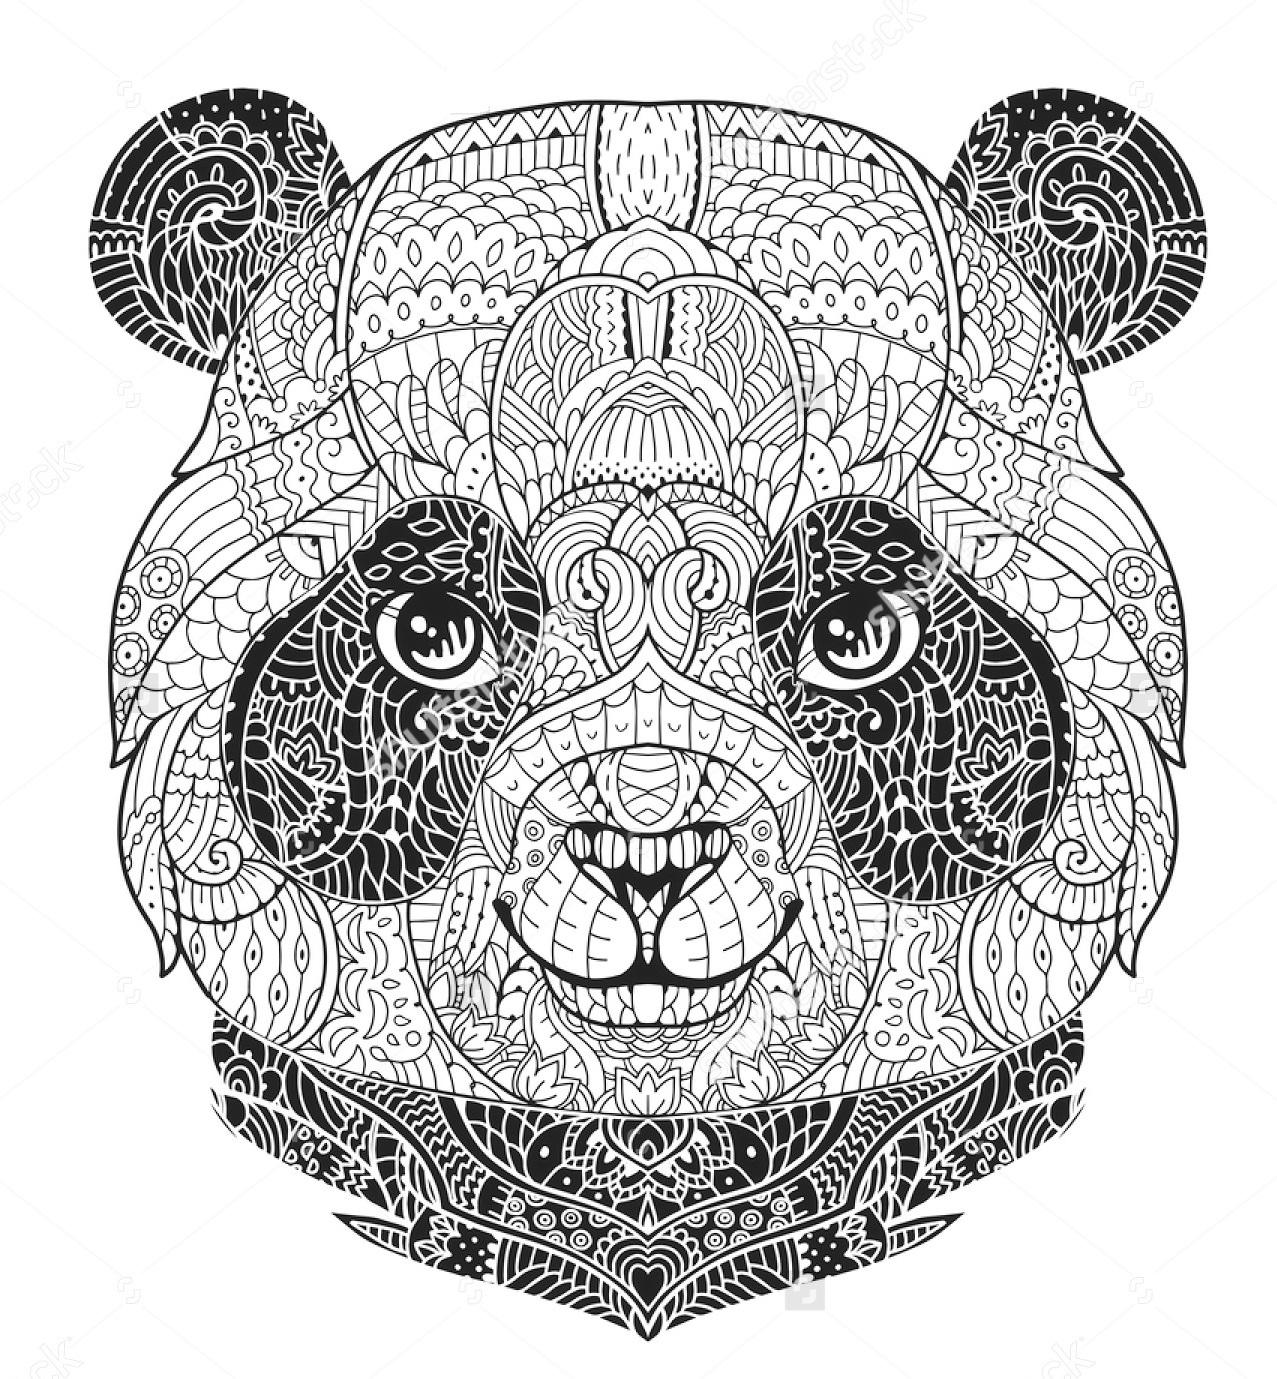 zentangle-panda-face-colouring-sheet